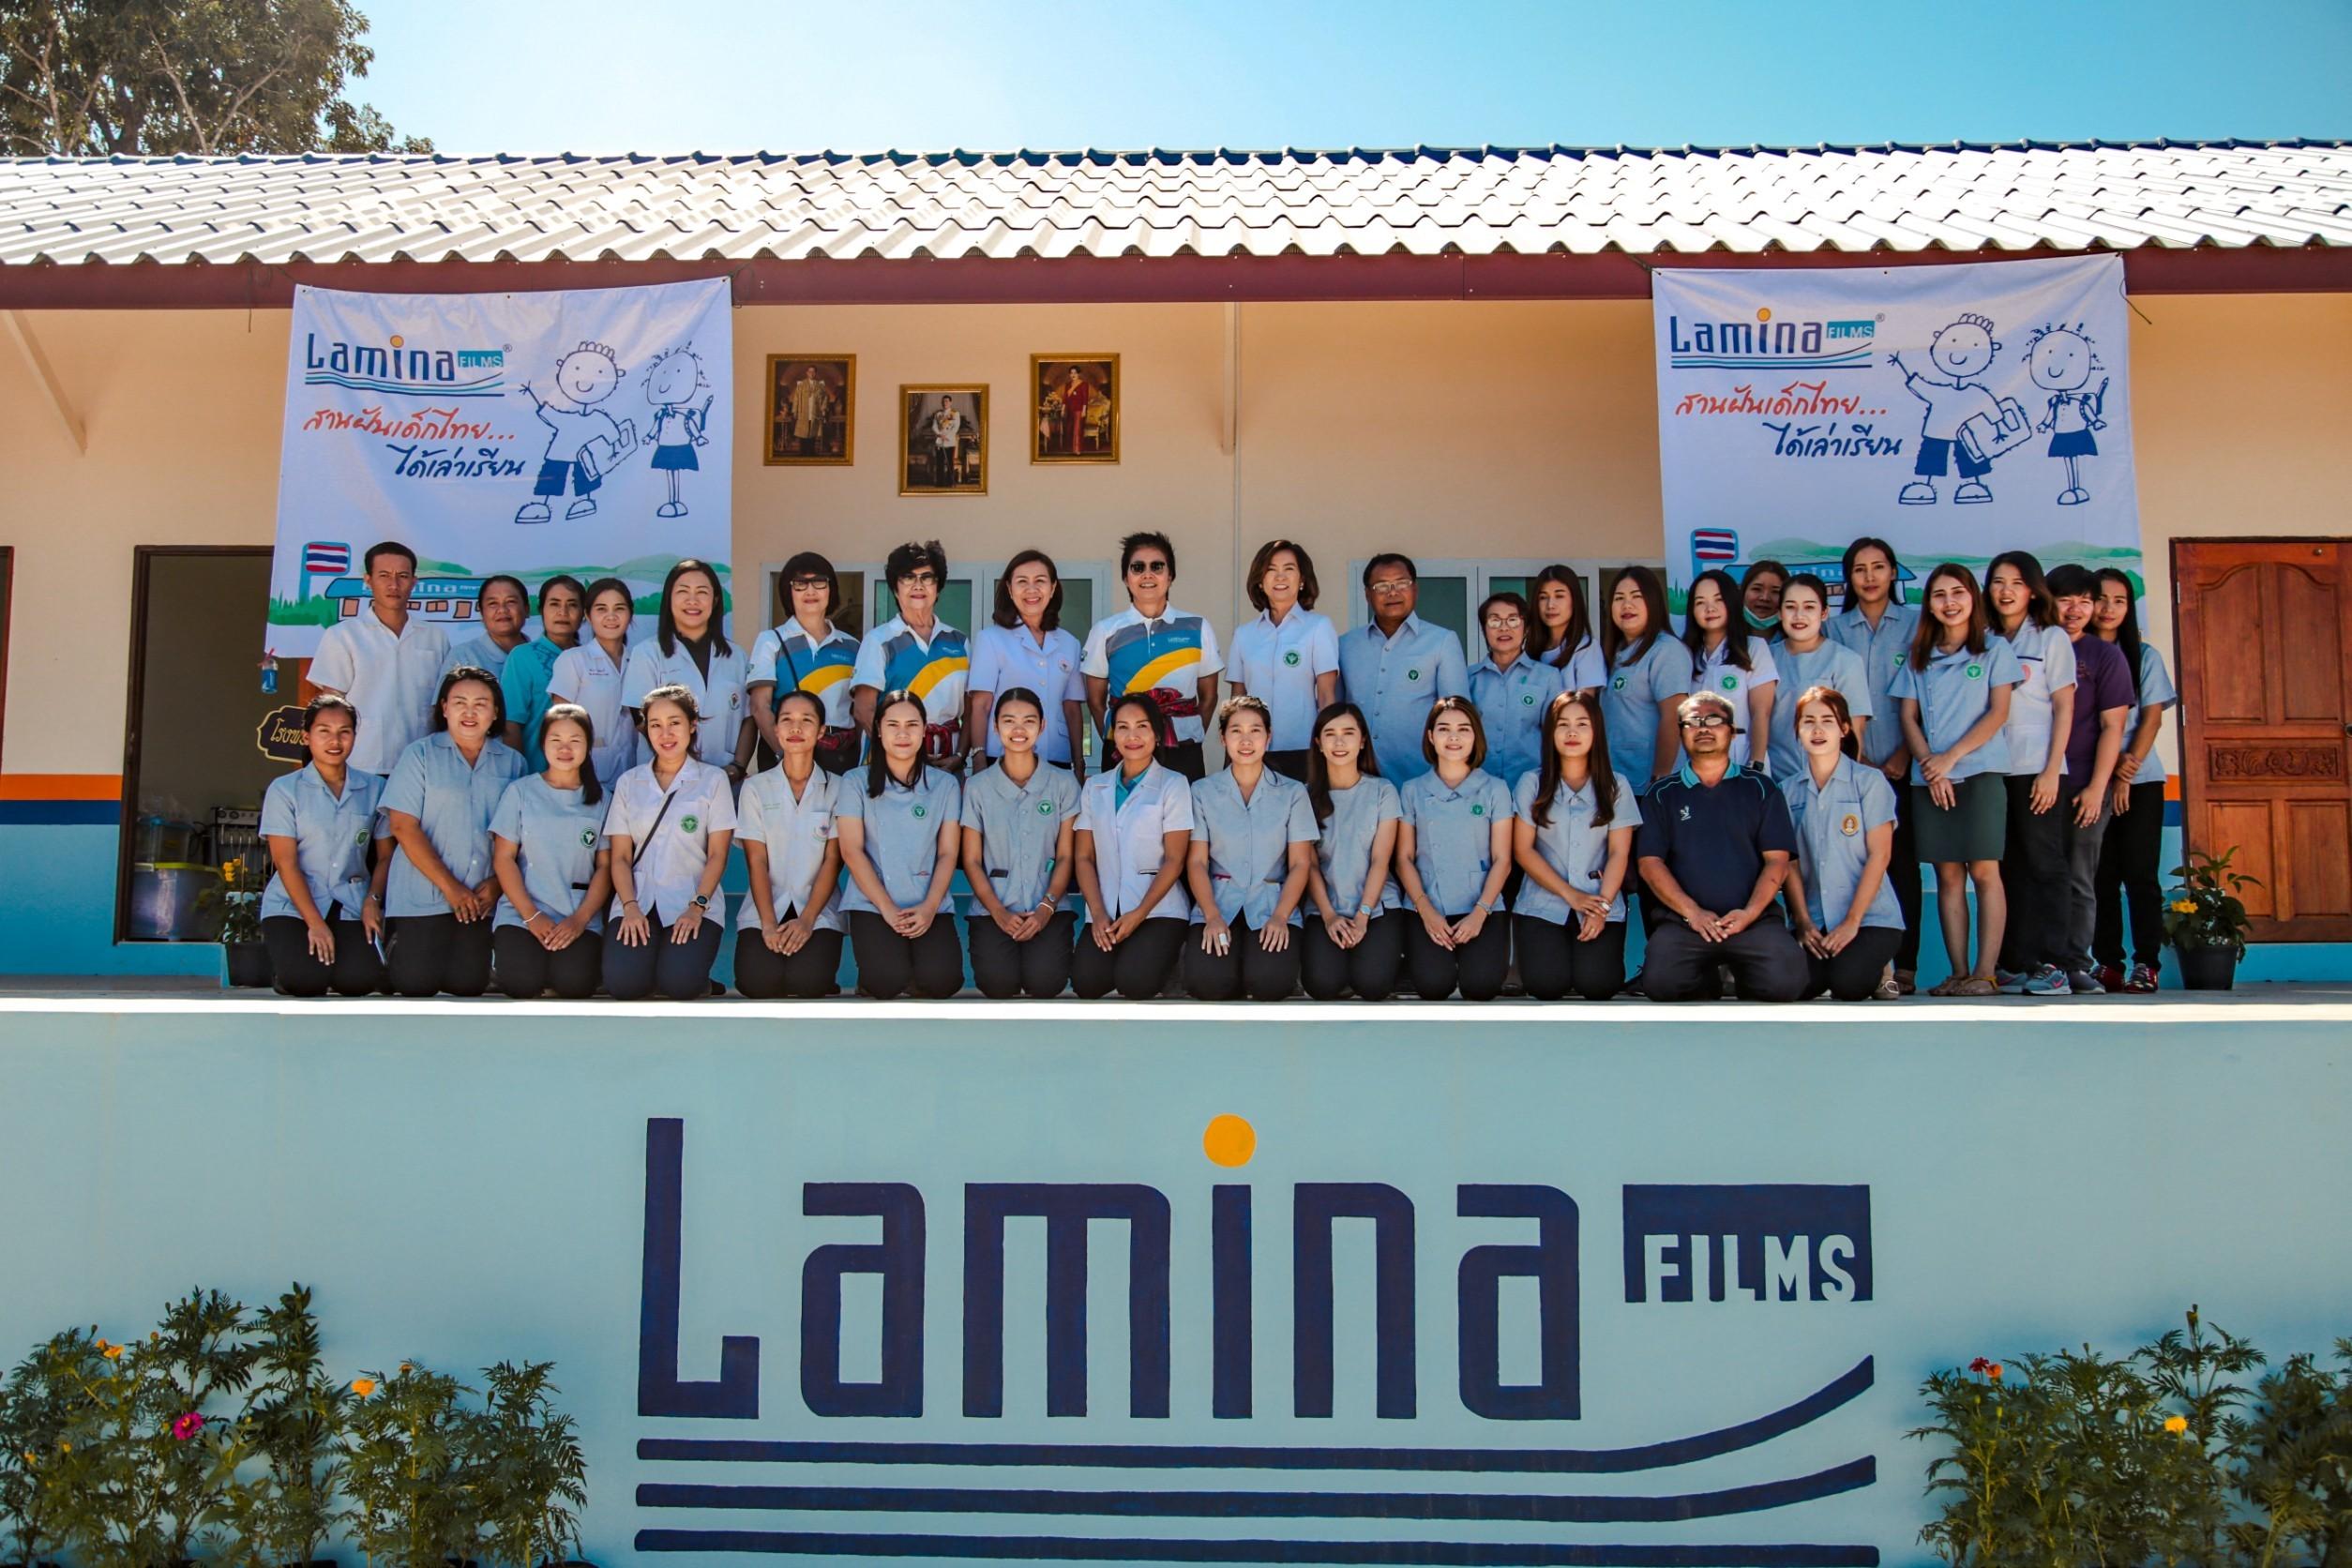 """ข่าวรถวันนี้ : ฟิล์มกรองแสง Lamina ตอบแทนสังคมต่อเนื่องเป็นปีที่ 19 กับ """"ลามิน่าสานฝันเด็กไทยได้เล่าเรียน"""""""